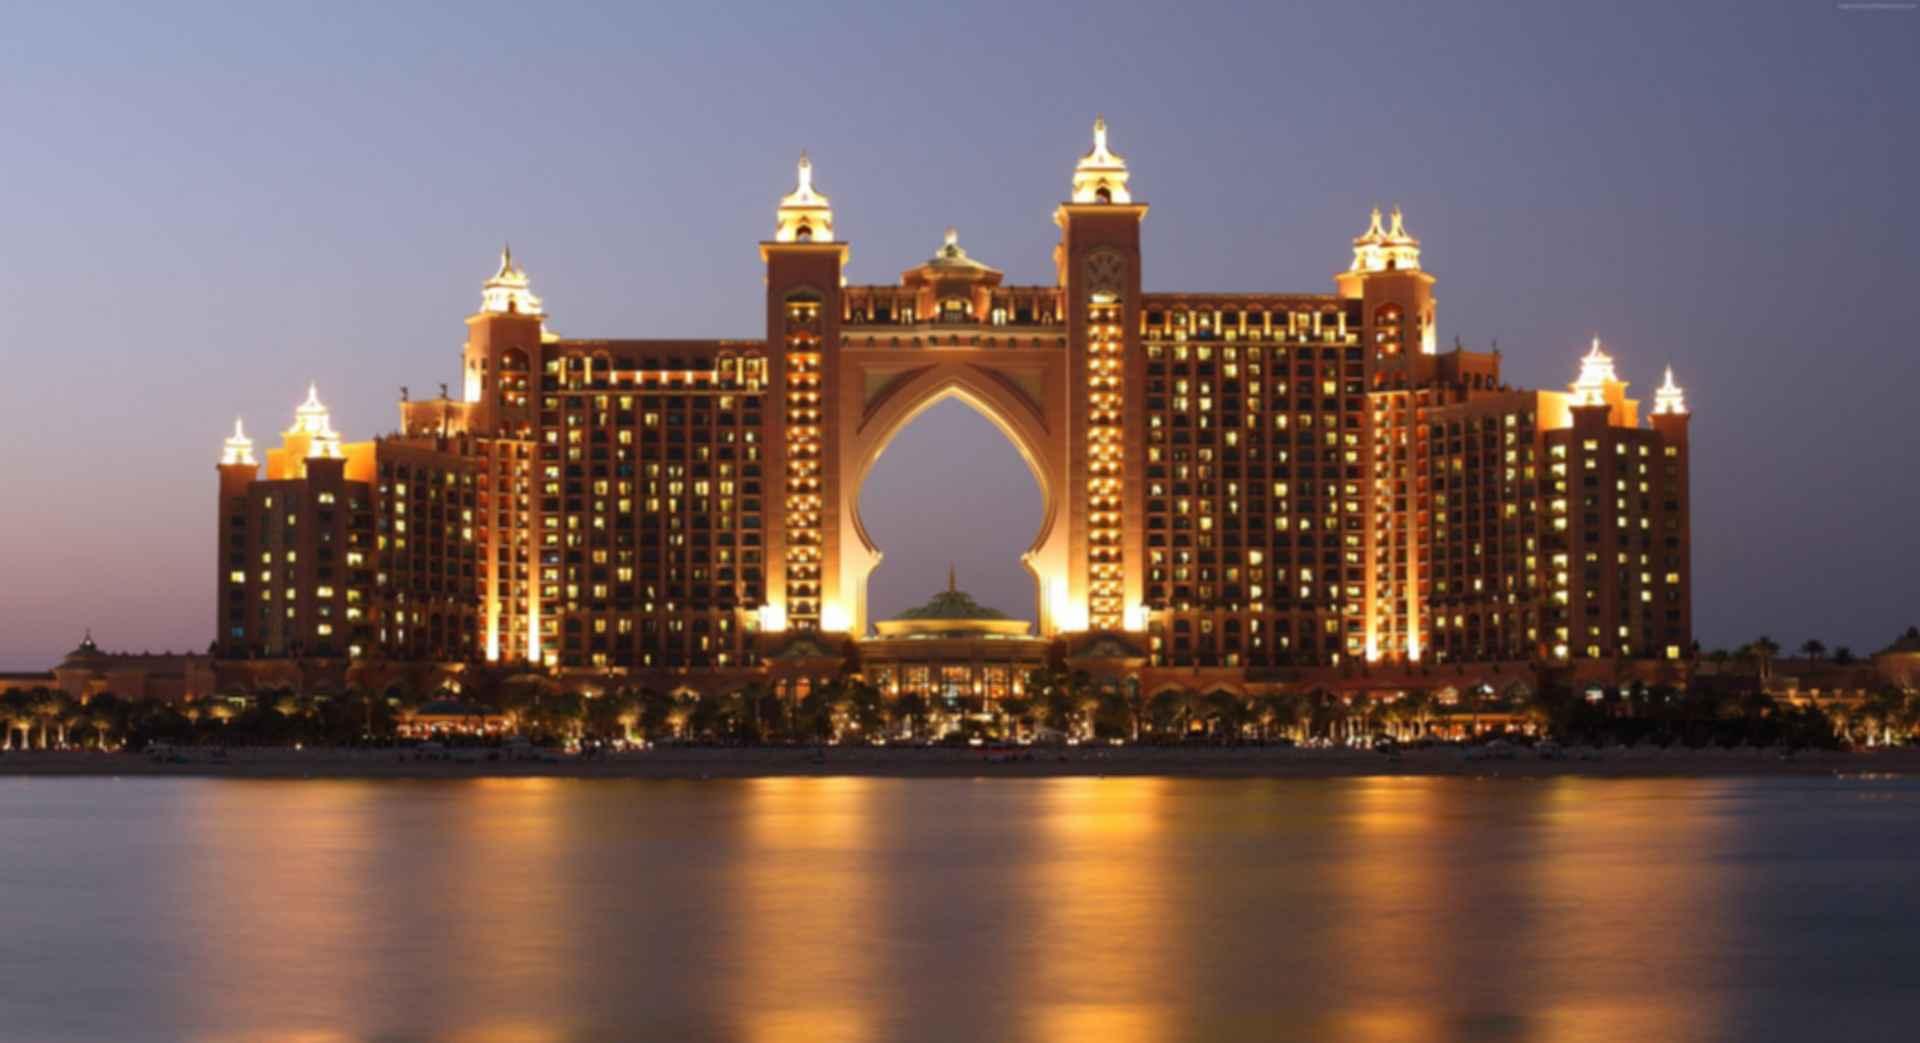 Atlantis, The Palm - Exterior